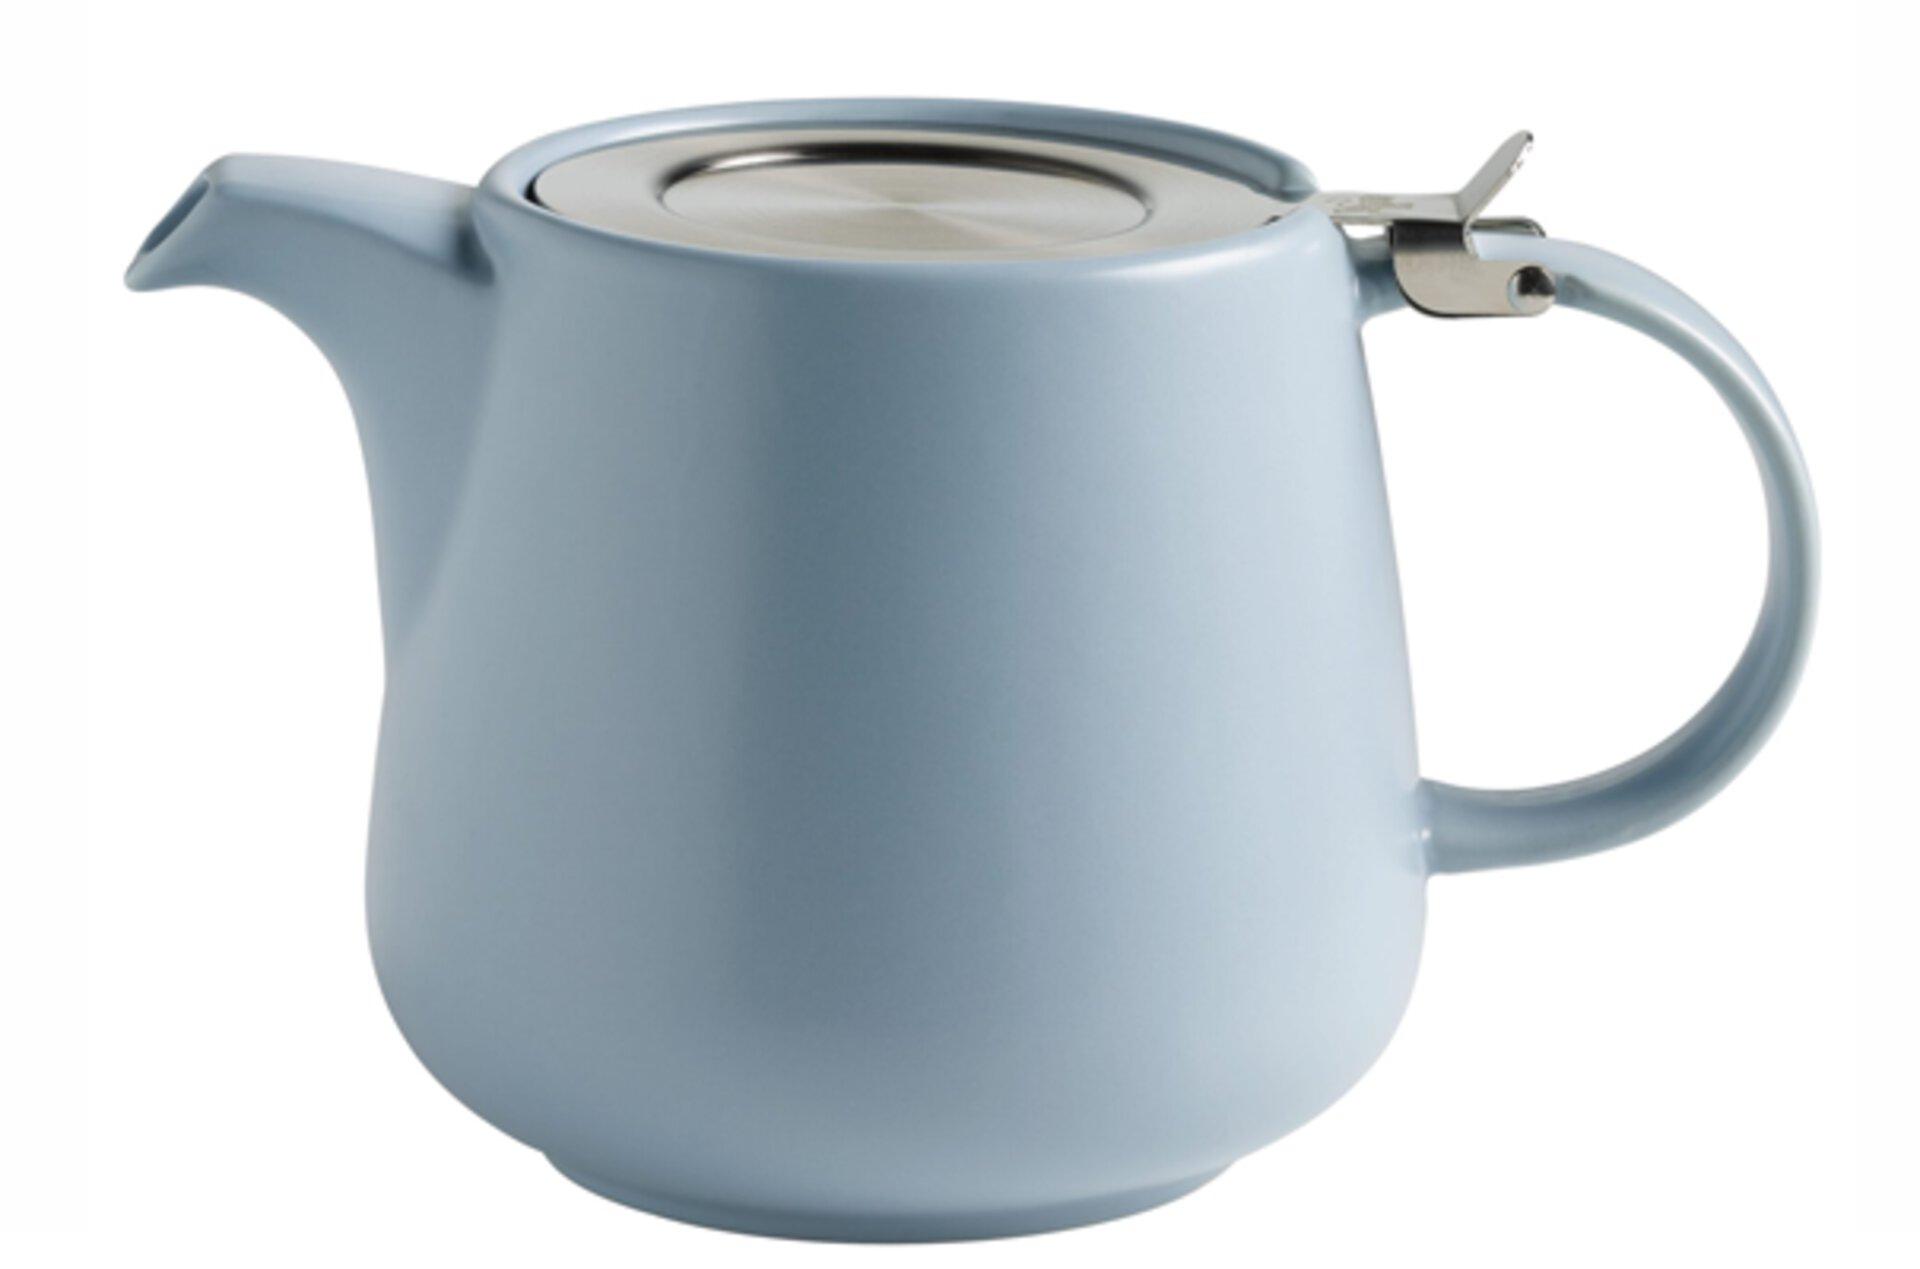 hellblaue Teekanne